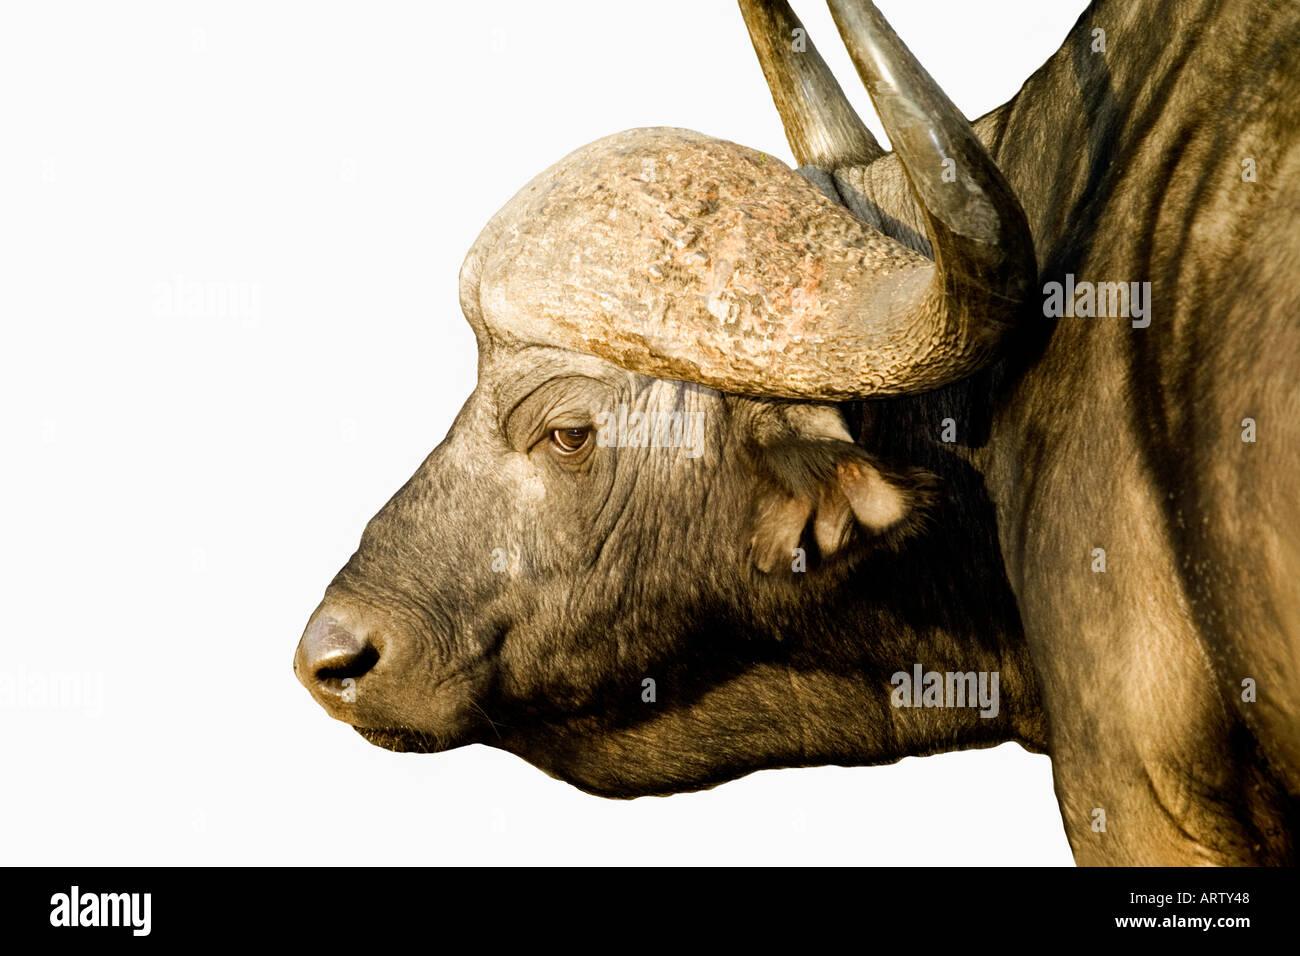 Stretto profilo immagine di bufalo indiano di acqua in Sud Africa Krueger National Park Immagini Stock